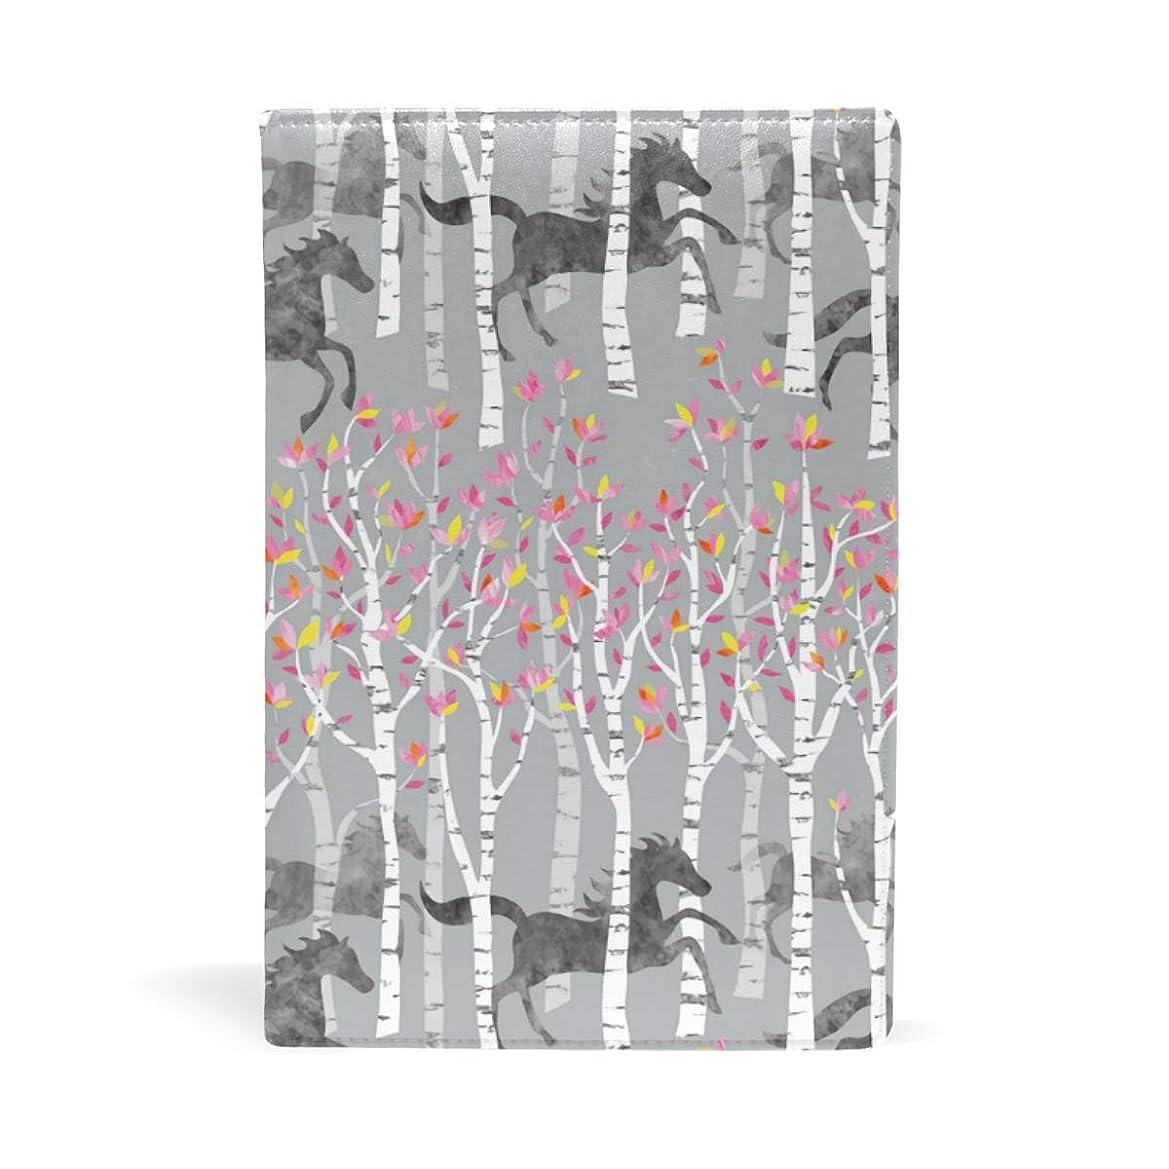 確率会話型受動的森の中の馬 赤い木の葉 ブックカバー 文庫 a5 皮革 おしゃれ 文庫本カバー 資料 収納入れ オフィス用品 読書 雑貨 プレゼント耐久性に優れ